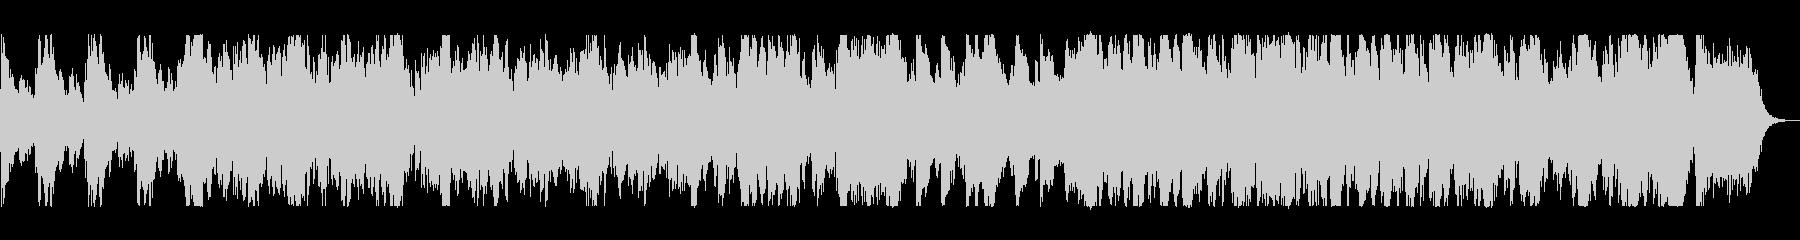 壮大な迫力の弦楽器シンフォニーテクノの未再生の波形